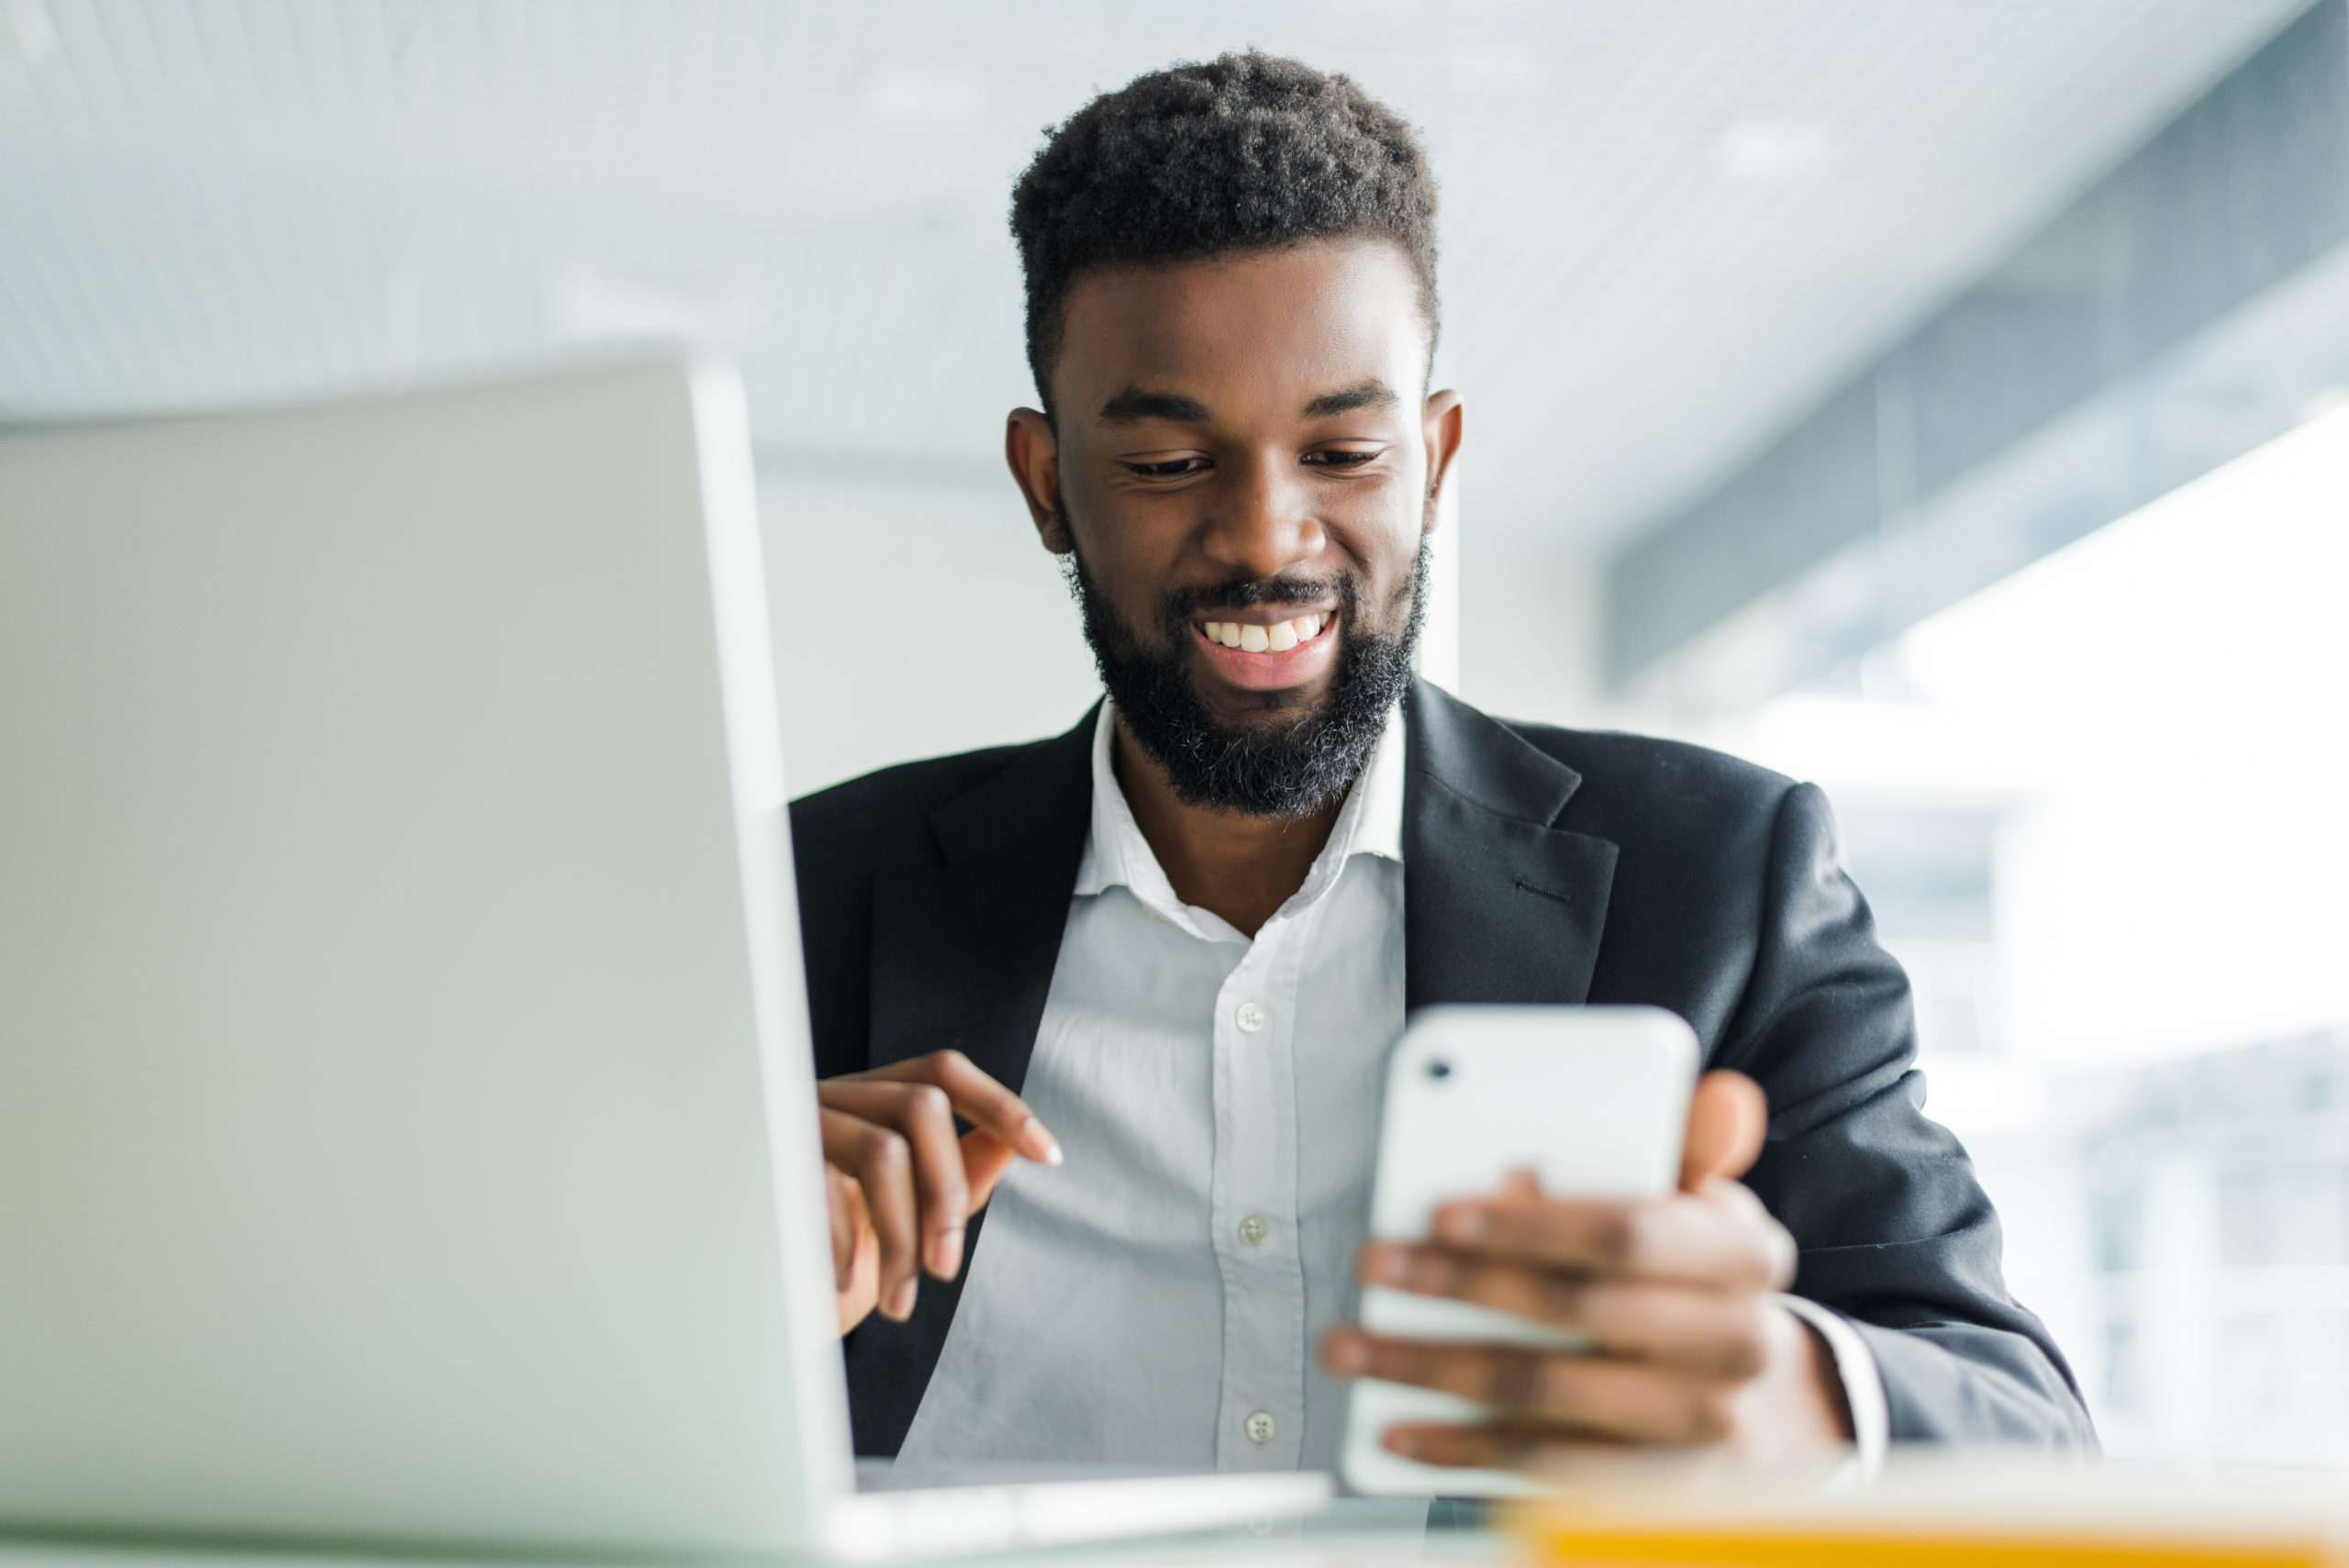 homem negro sorrindo sentado na cadeira em frente a um notebook e trabalhando olhando o celular imagem ilustrativa texto franquia de seguro